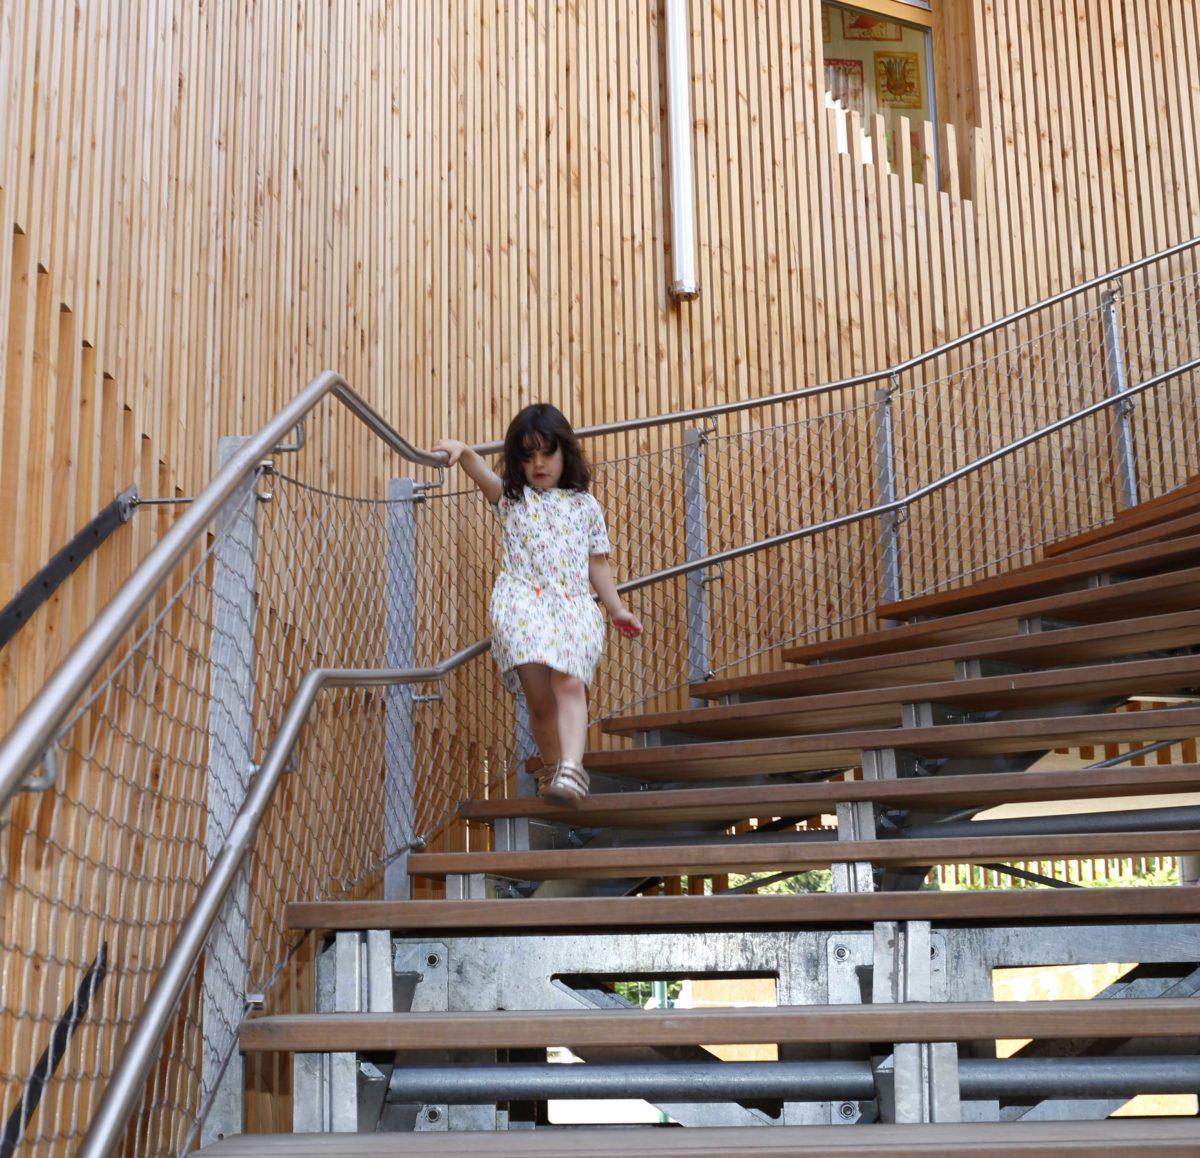 089_BOND_RANDJA_Bondy_Lili-escalier